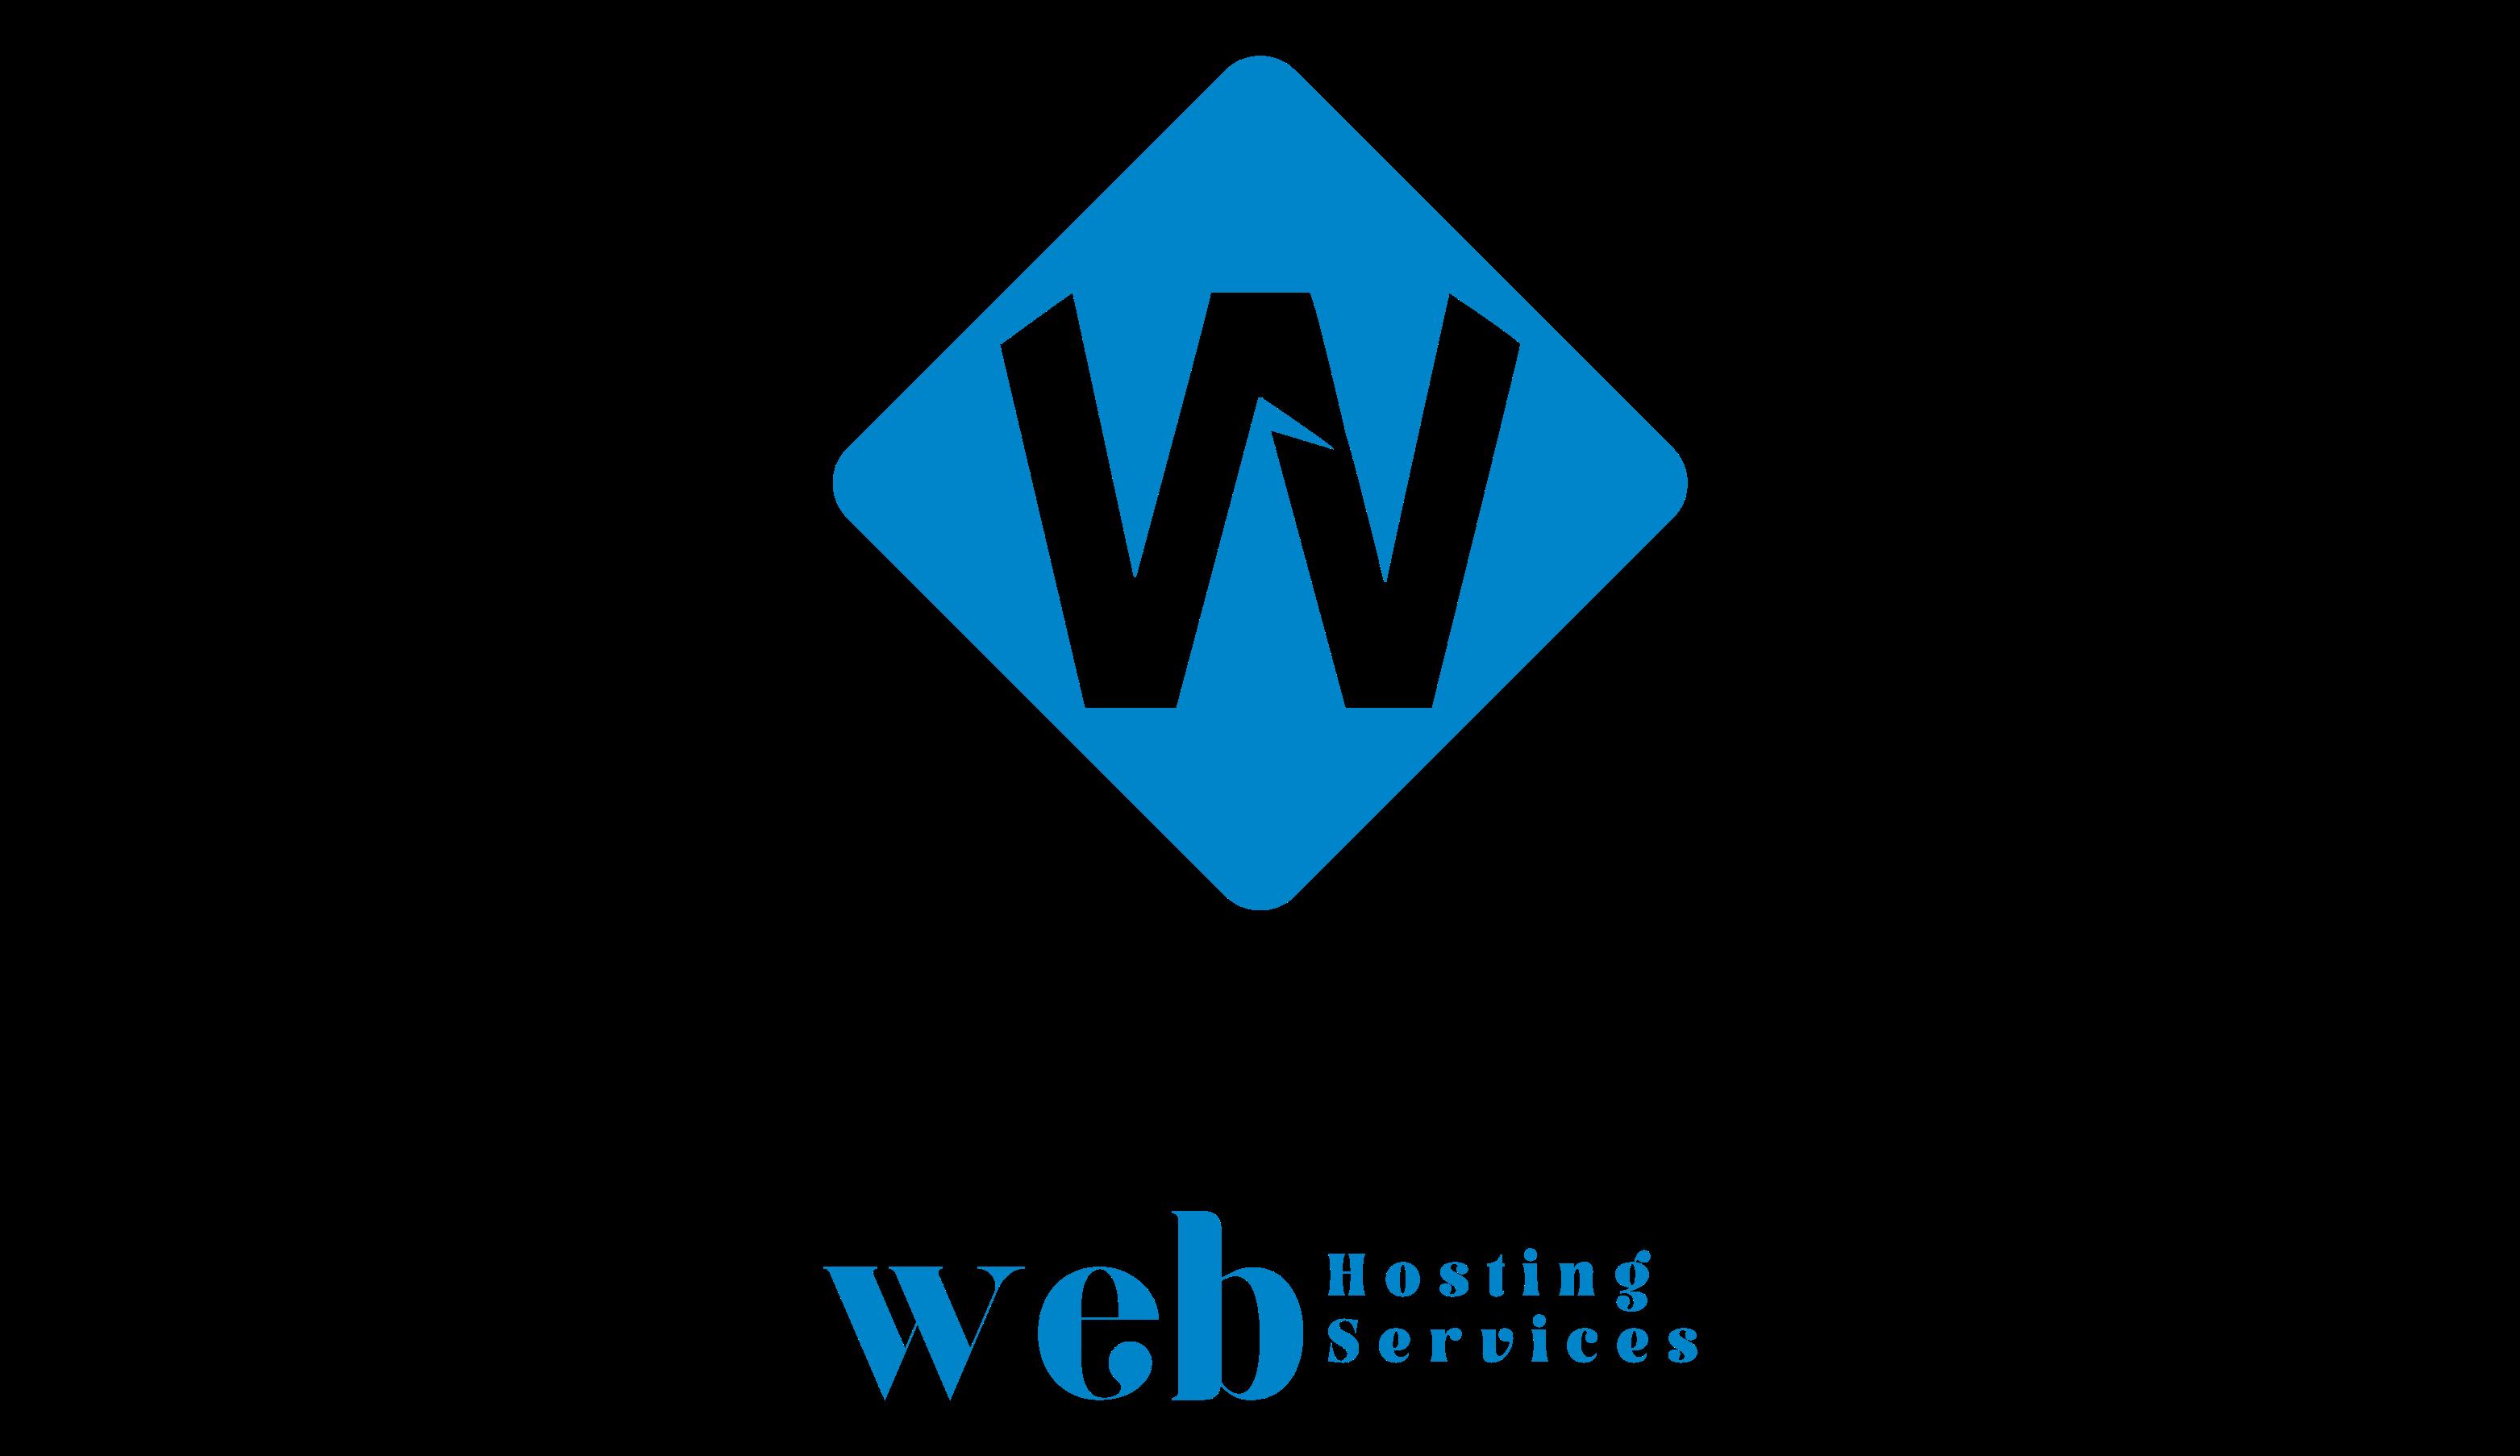 West Coast Web Hosting